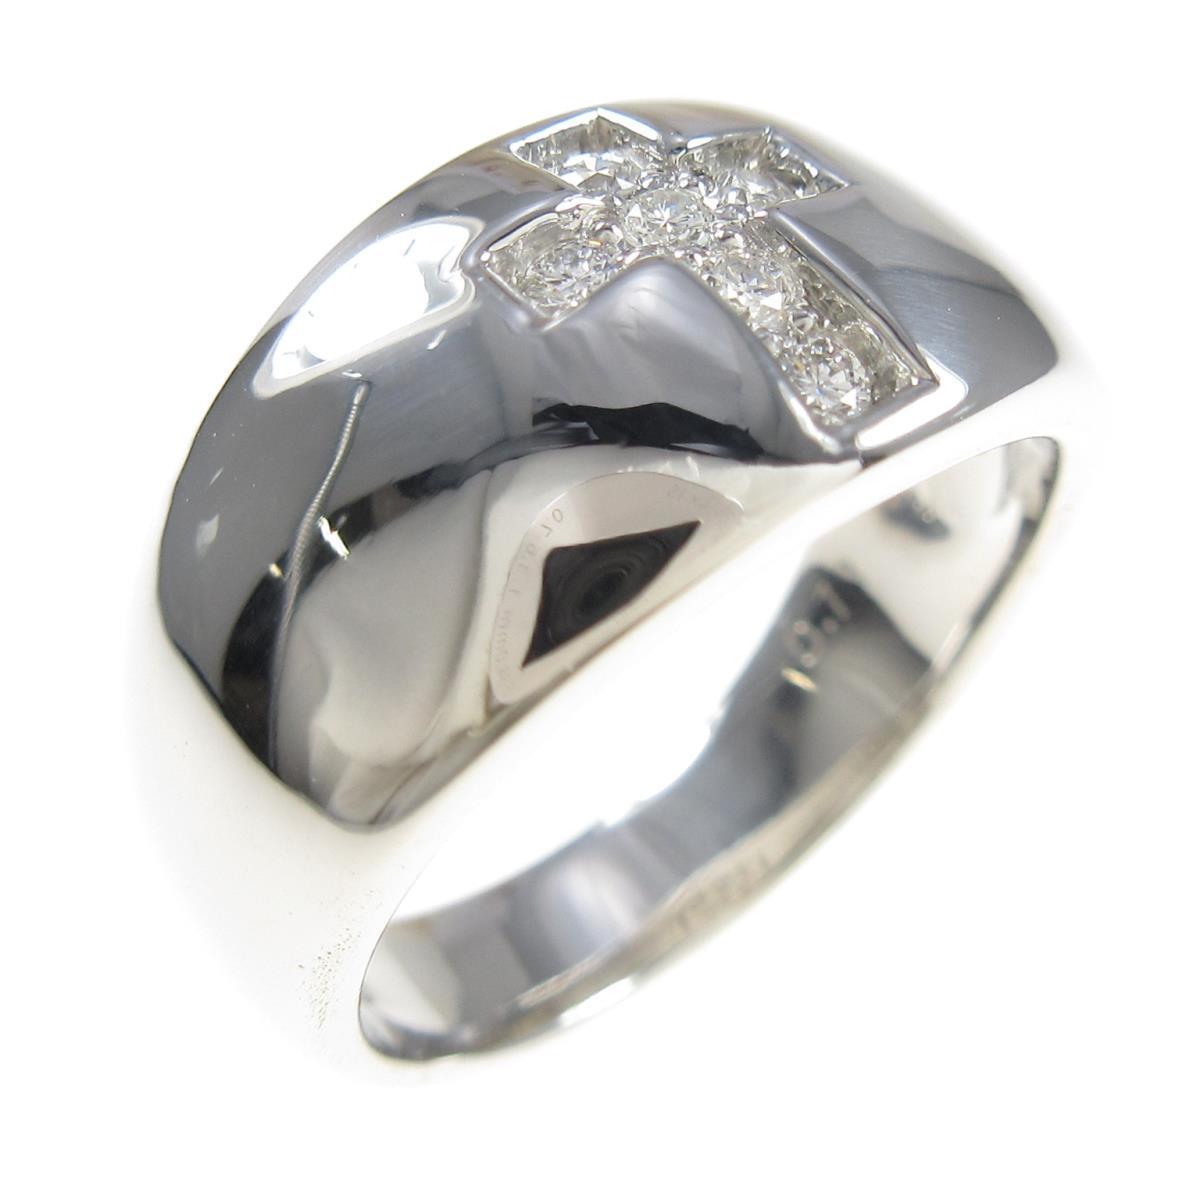 国内正規総代理店アイテム PT 新作アイテム毎日更新 クロス 中古 ダイヤモンドリング